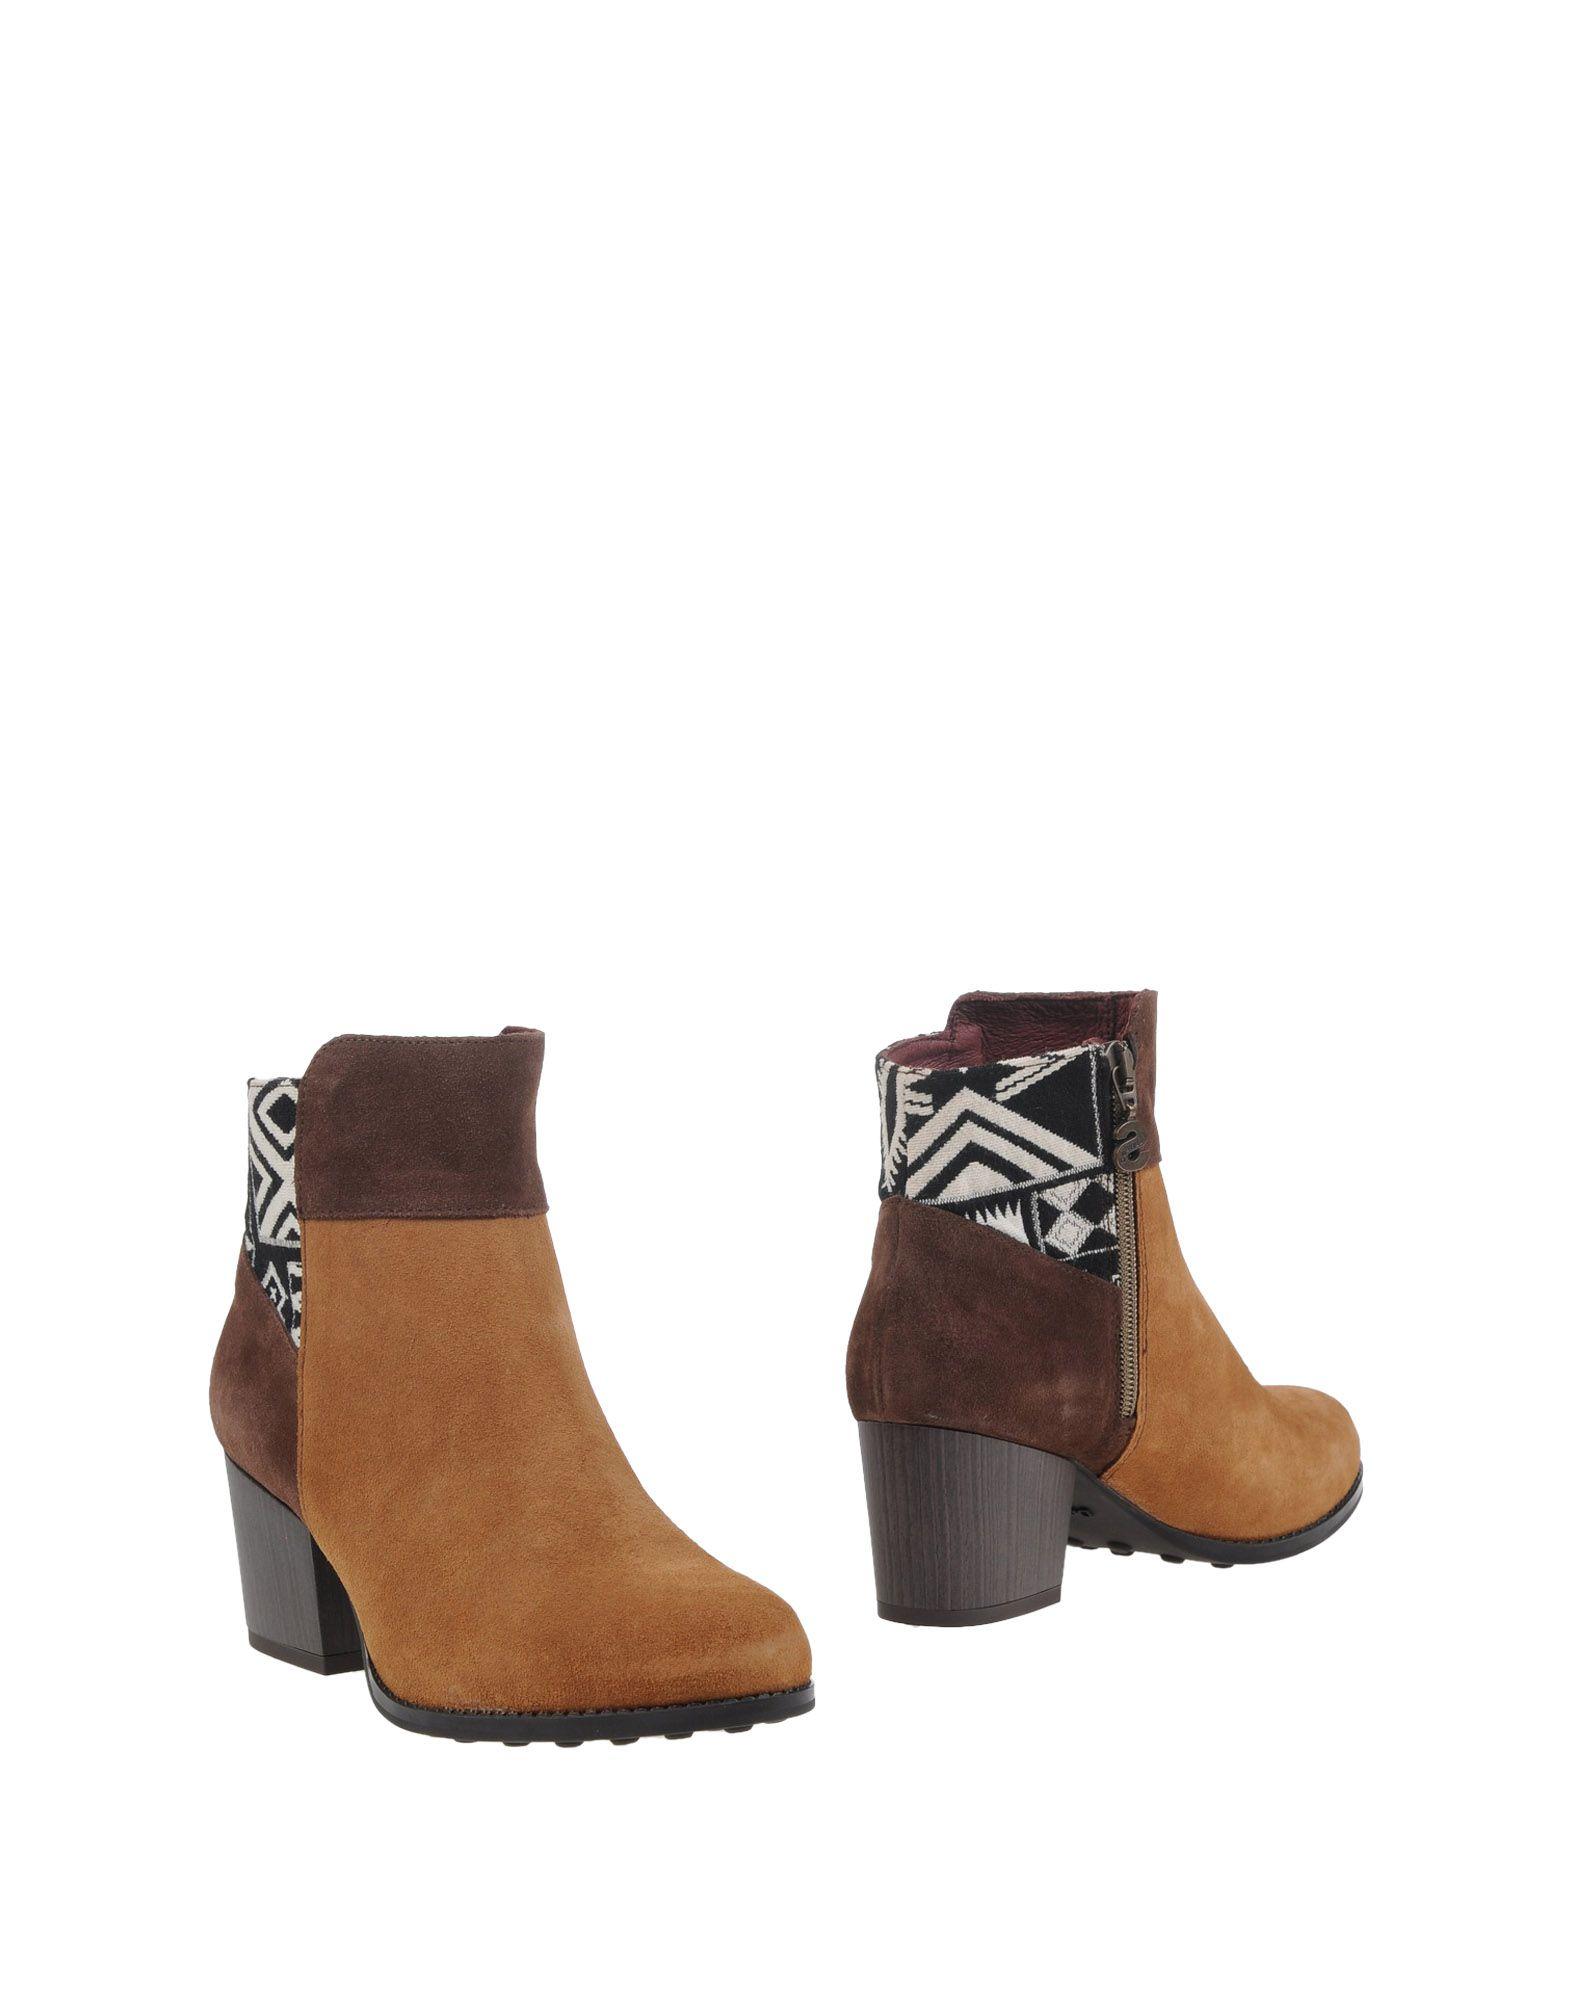 Desigual Stiefelette Damen  11106656SQ Gute Qualität beliebte Schuhe